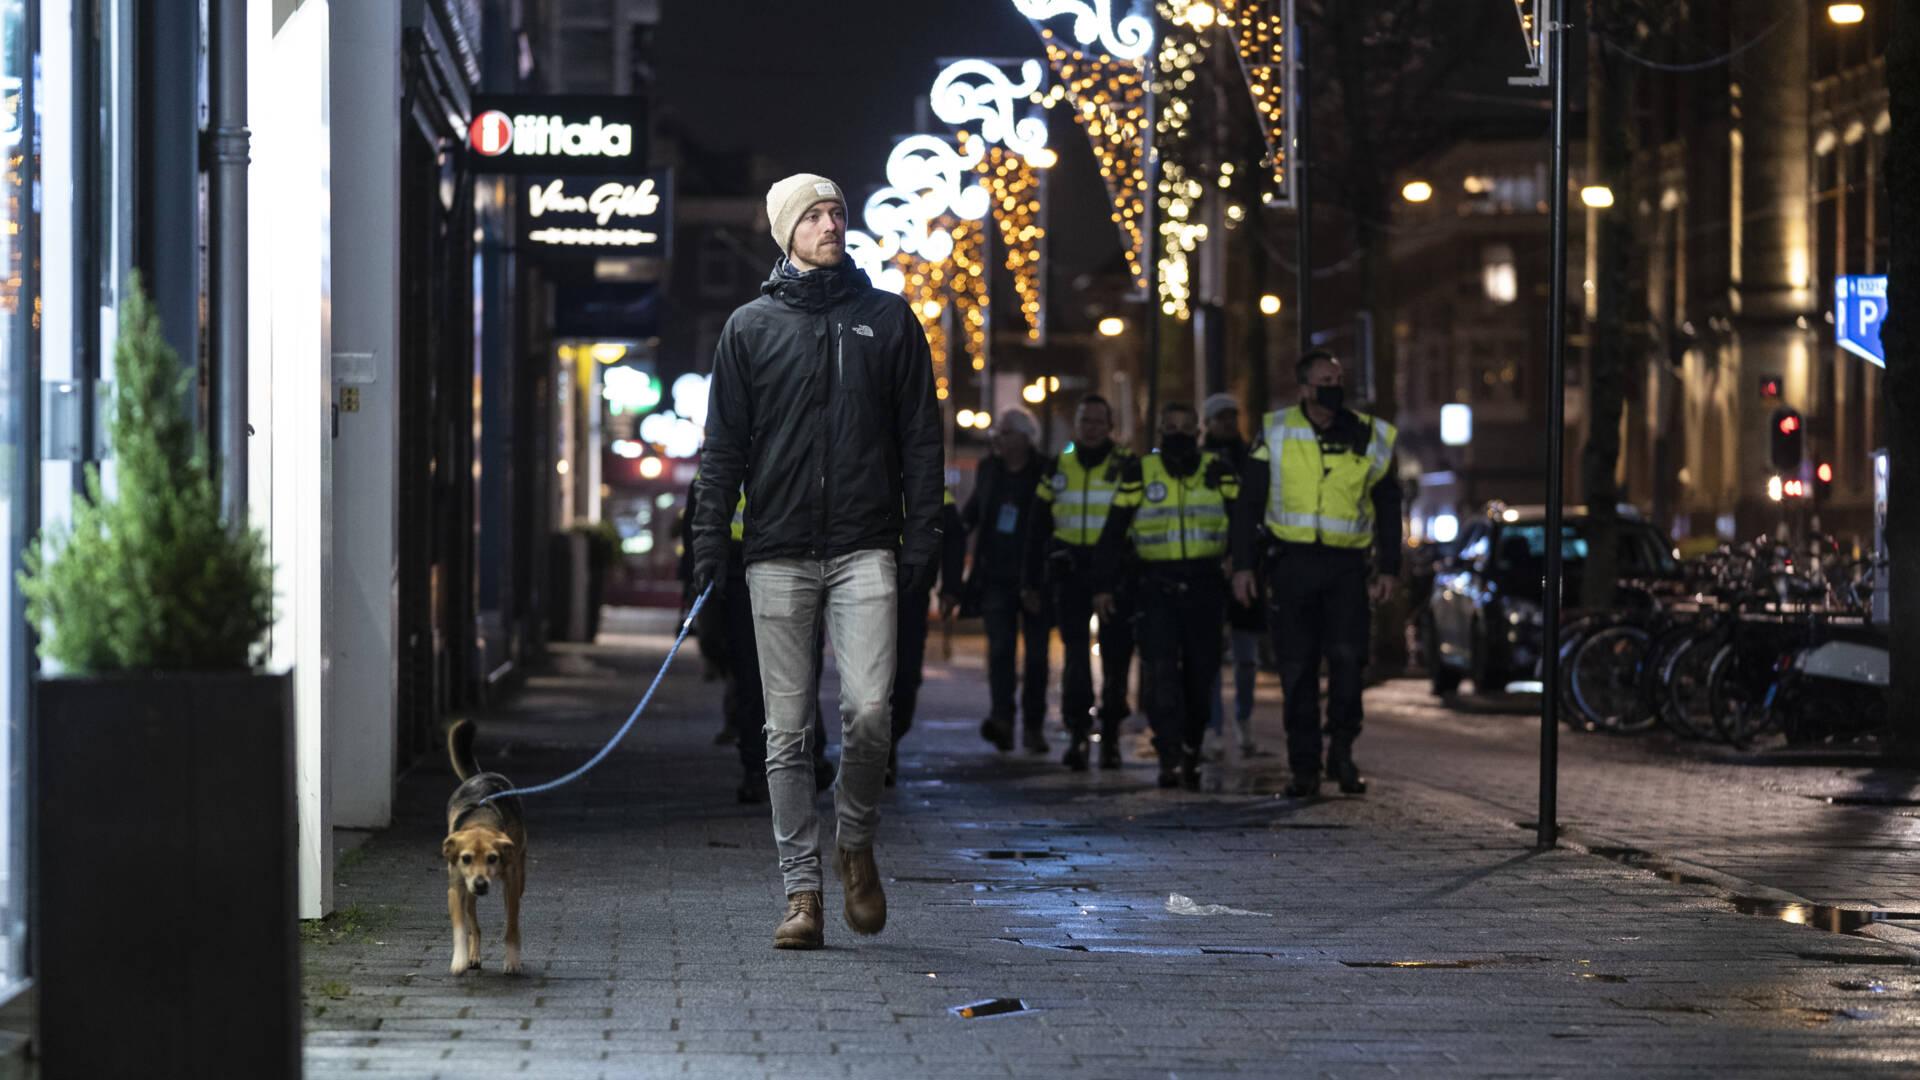 快讯:荷兰内阁决定将宵禁时间延长至晚上10点开始